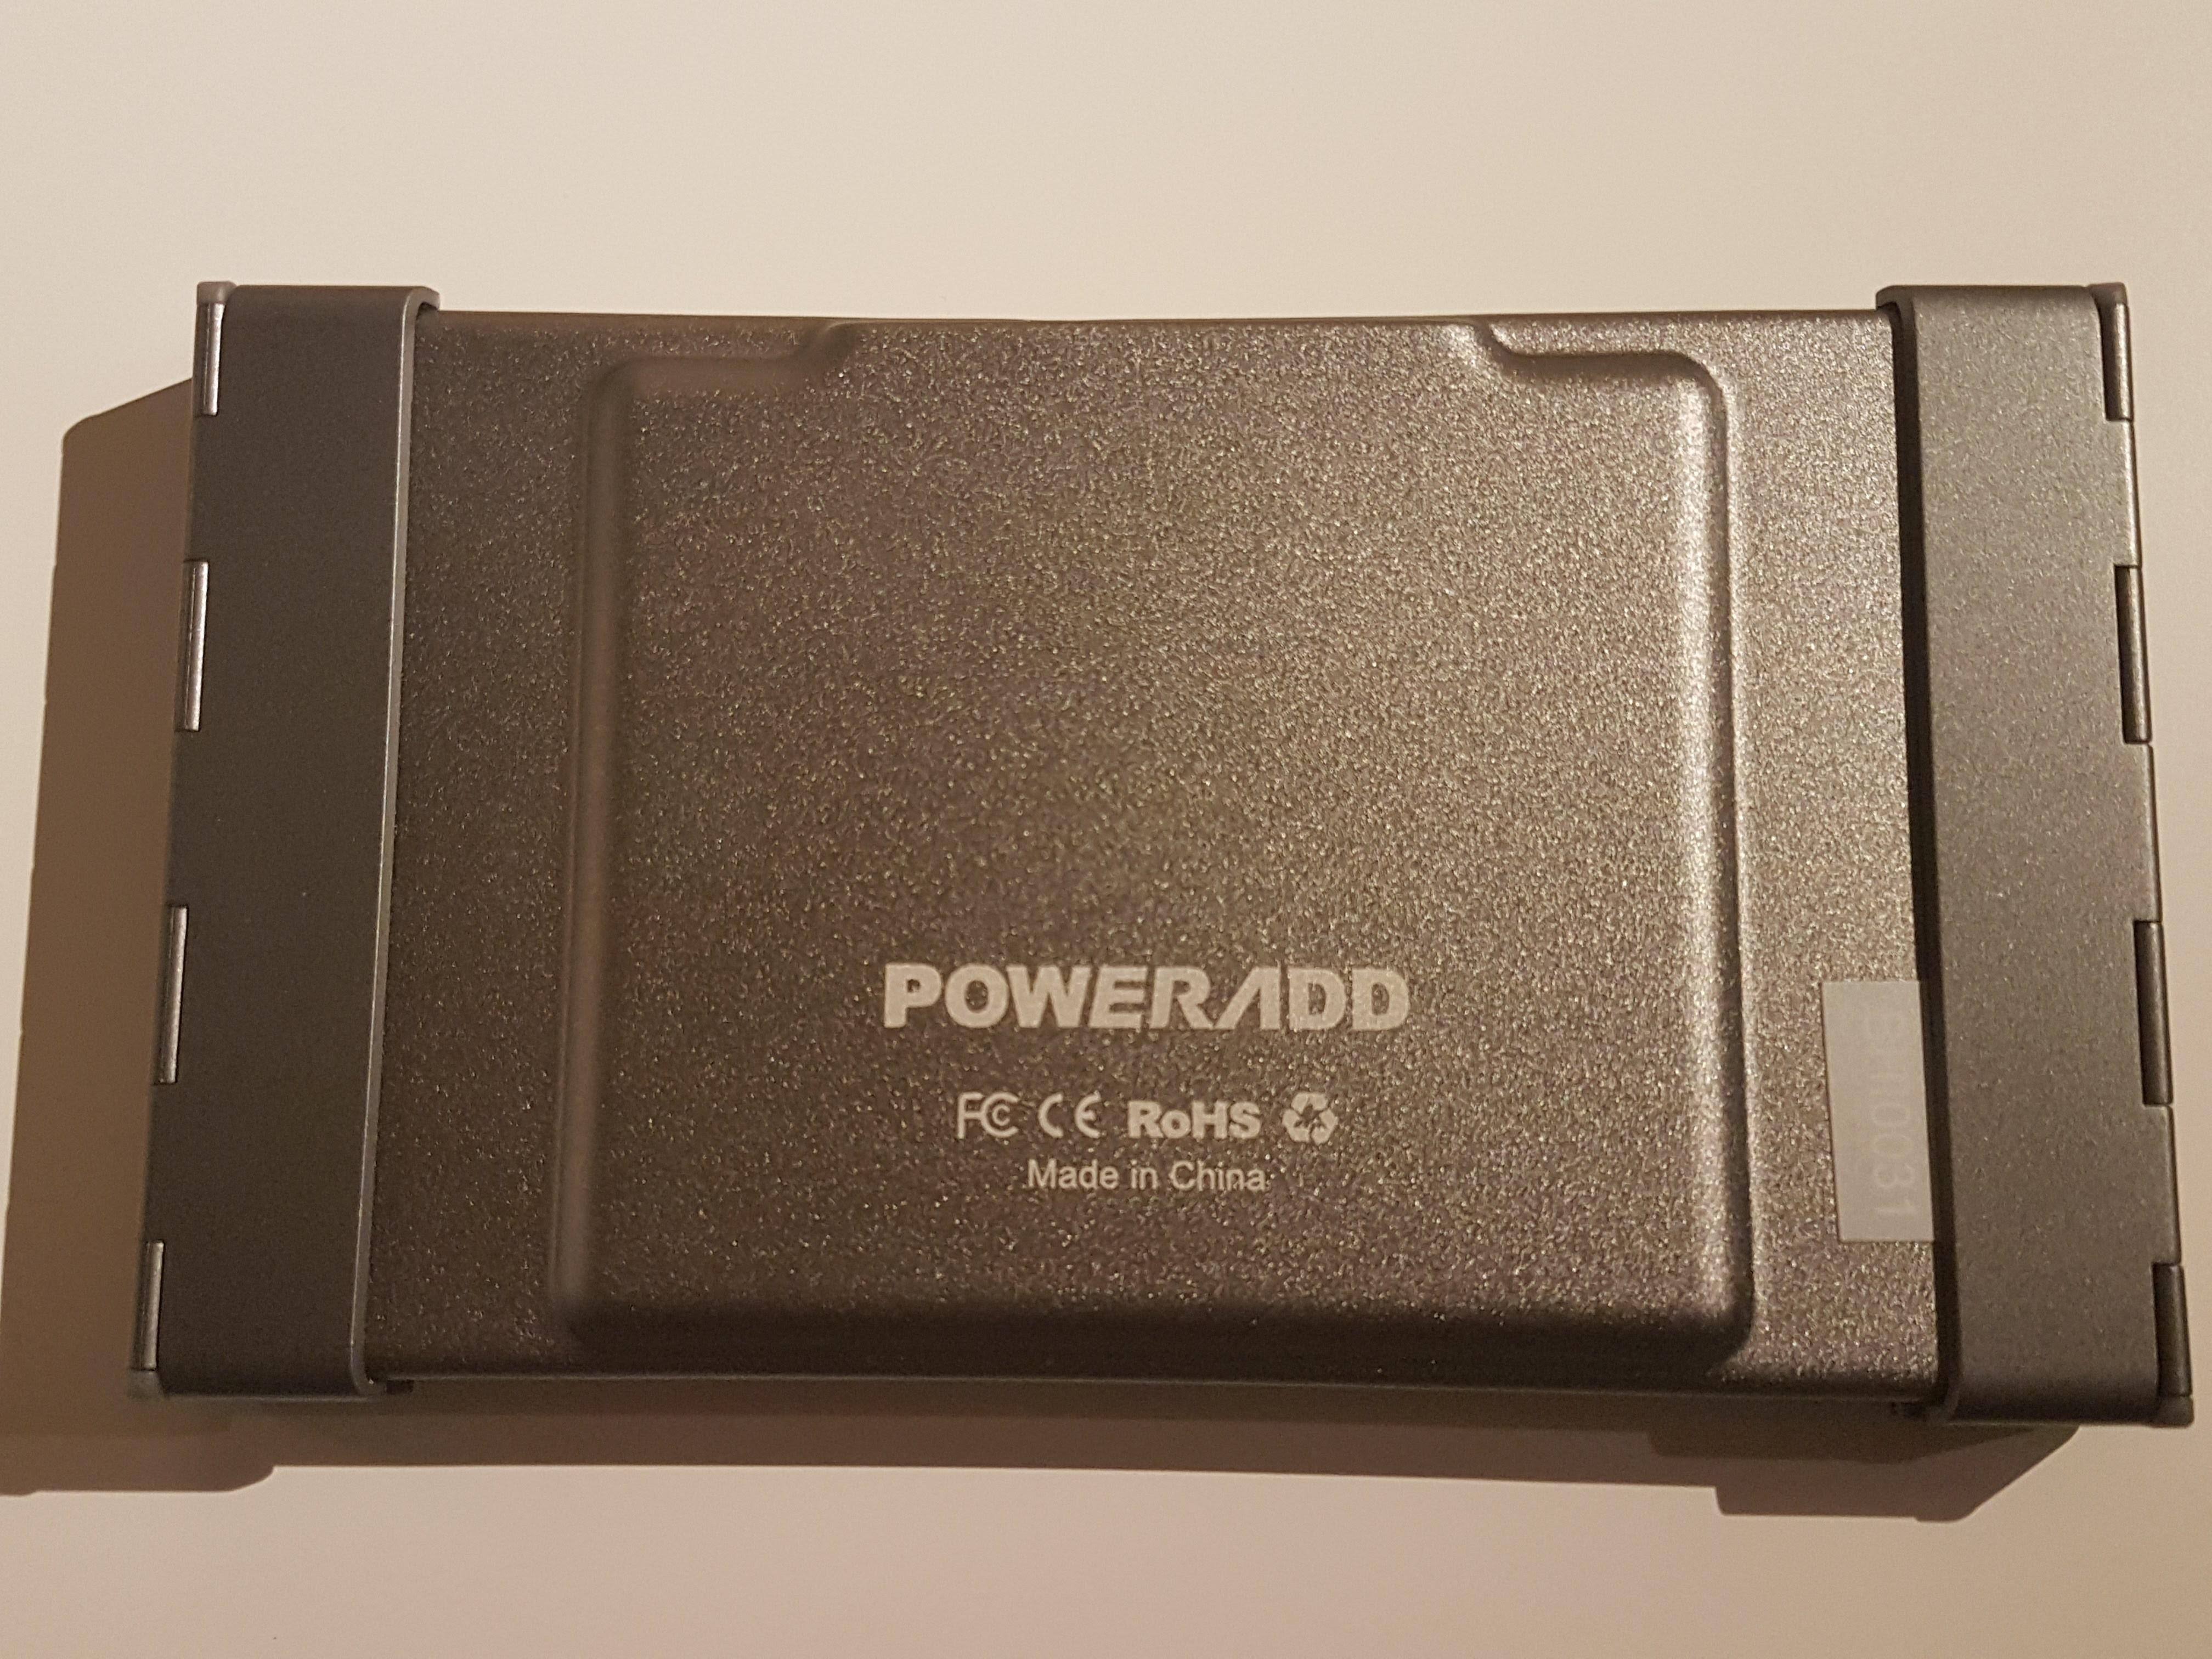 POWERADD-Clavier-Bluetooth-AZERTY - POWERADD-Clavier-Bluetooth-AZERTY-21.jpg